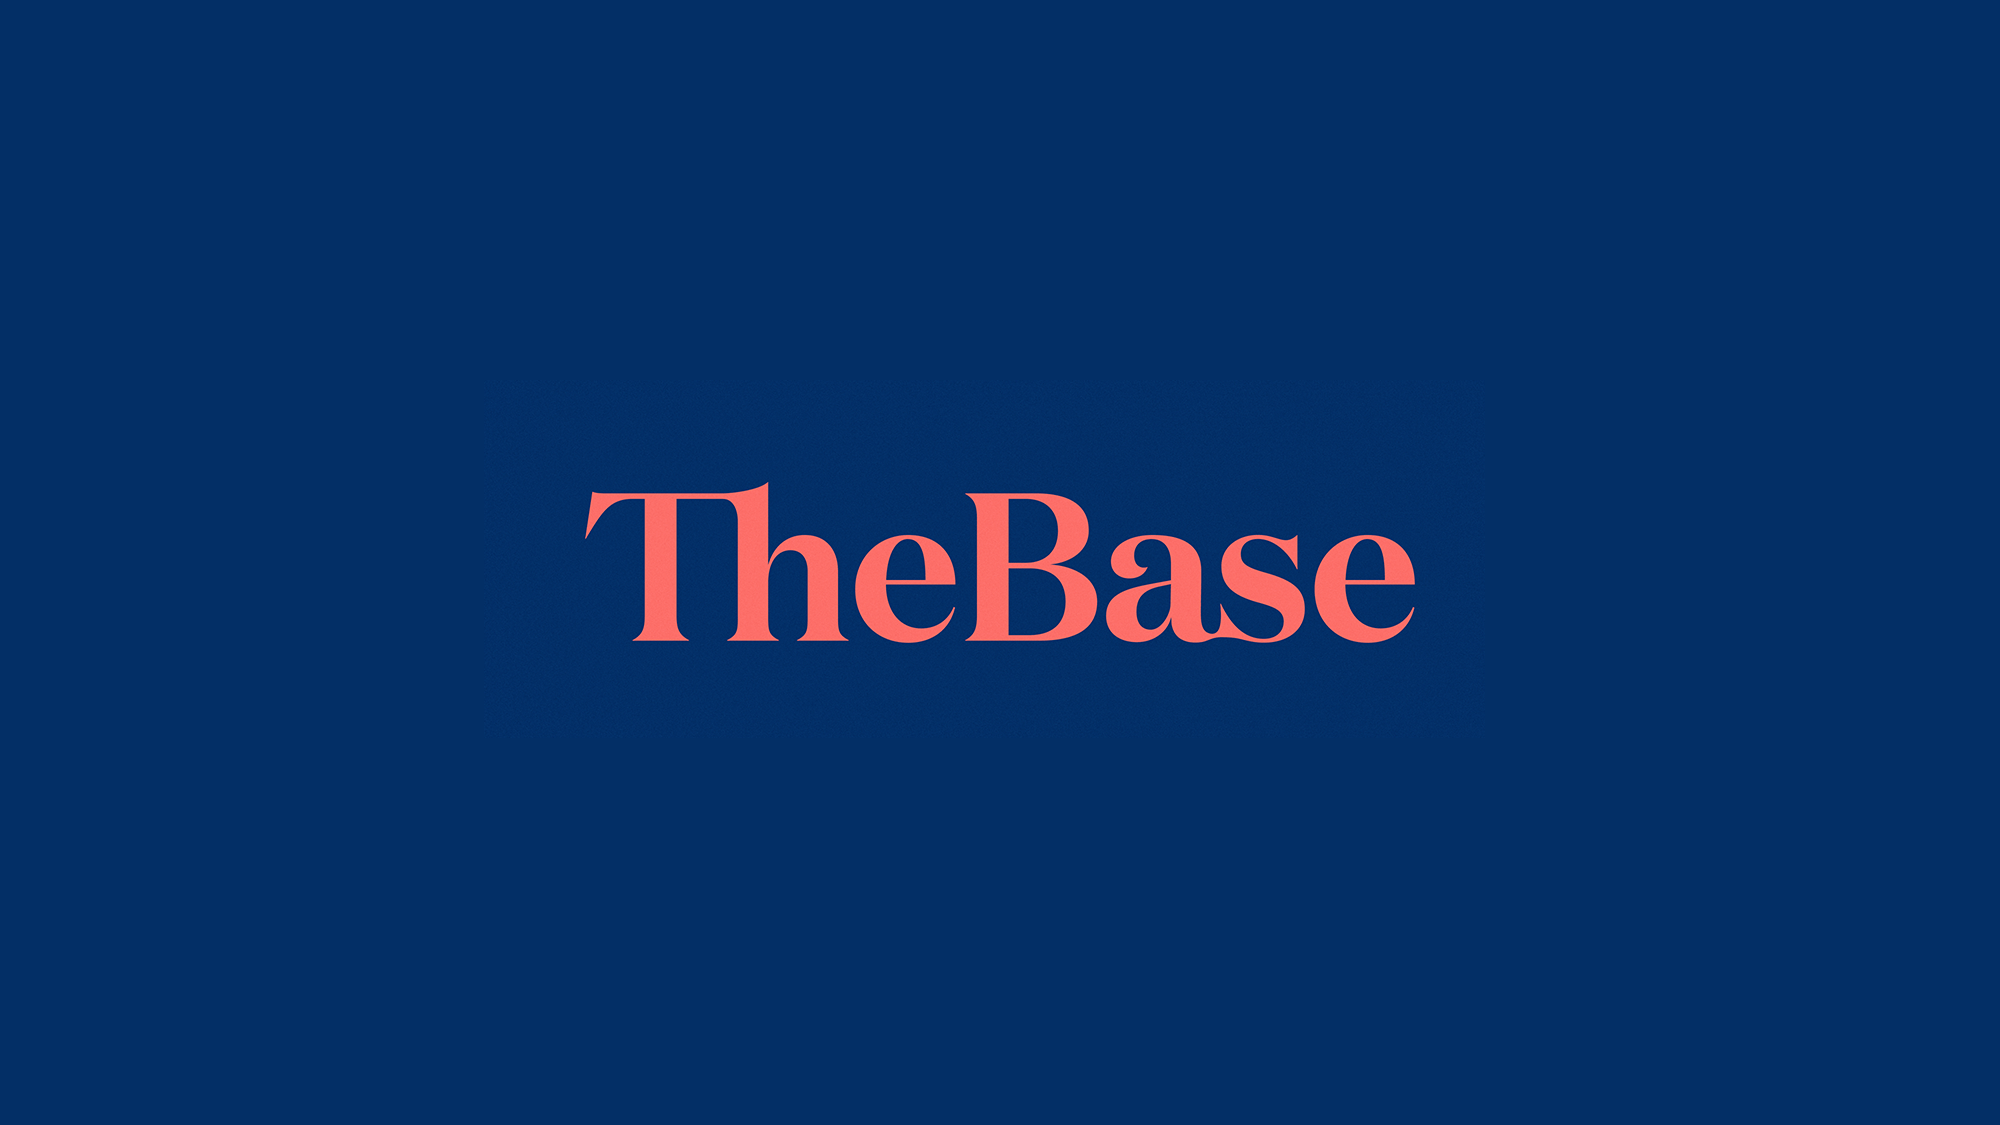 Brand New School - Rebranding on Behance